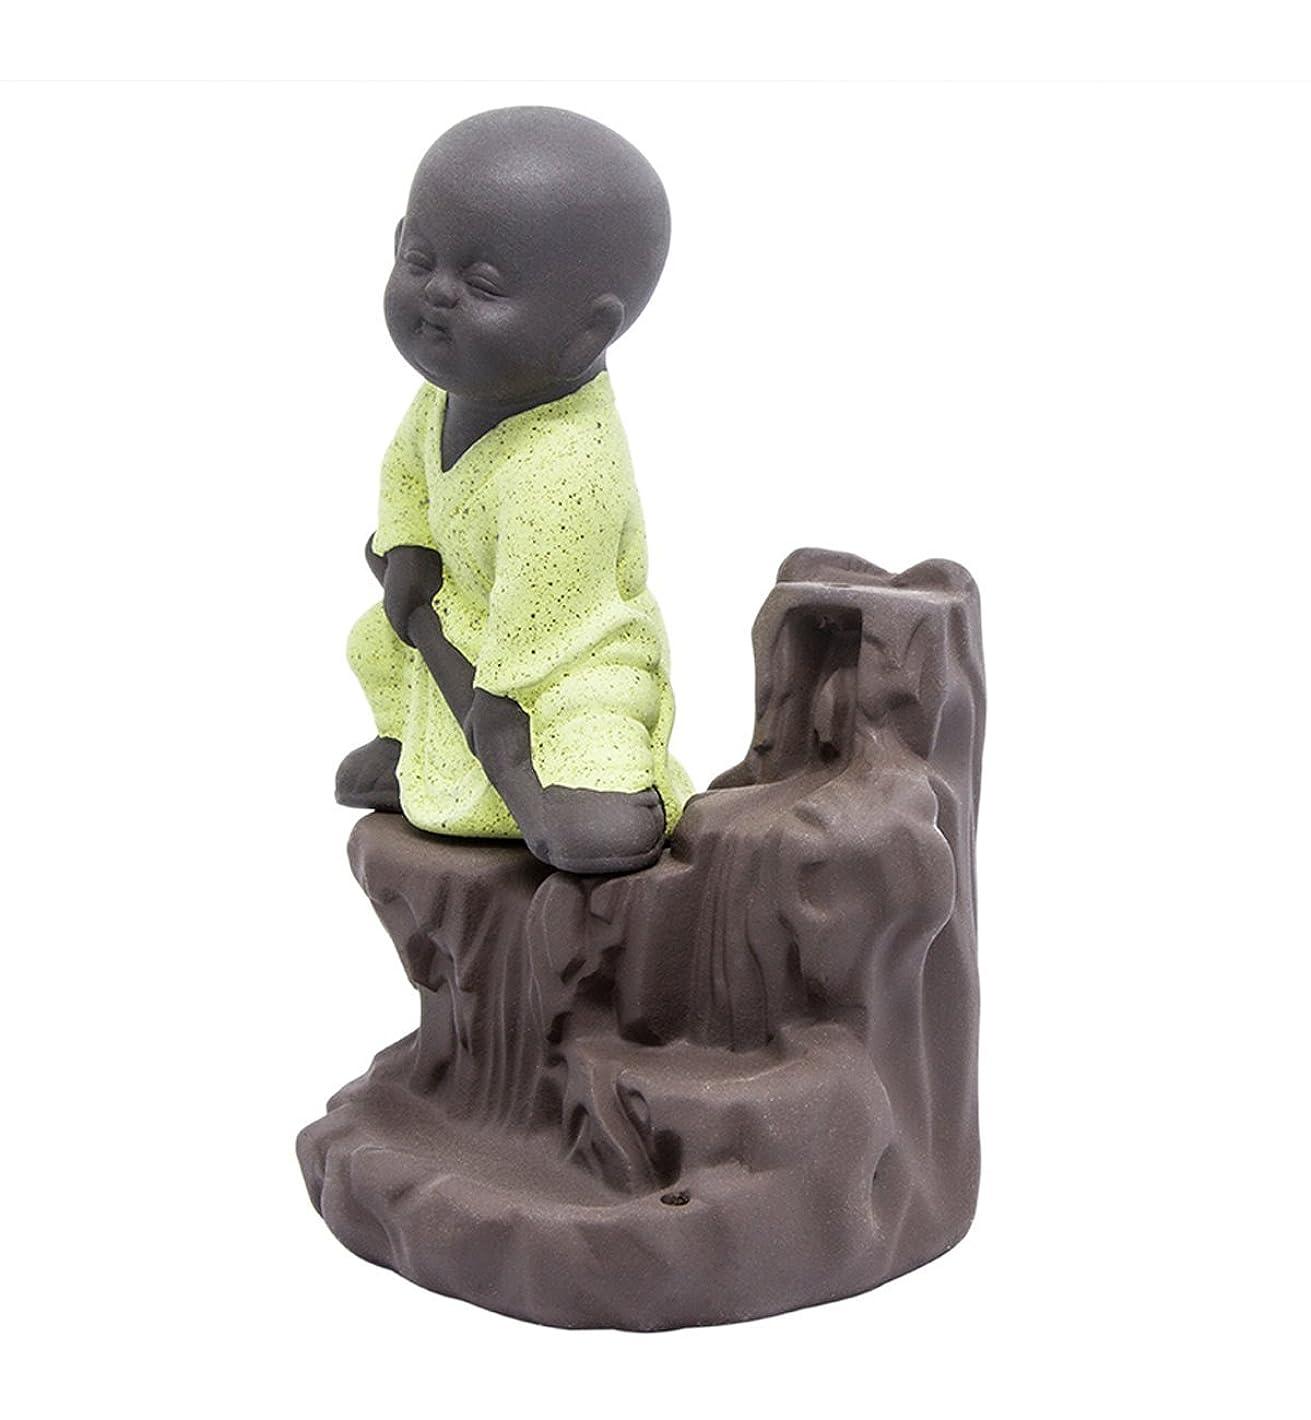 タックル巨人対話逆流香炉タワーCones Sticks Little Monkホルダーセラミック磁器Buddha Monk Ashキャッチャーby Simon & # xff08?;イエロー& # xff09?;